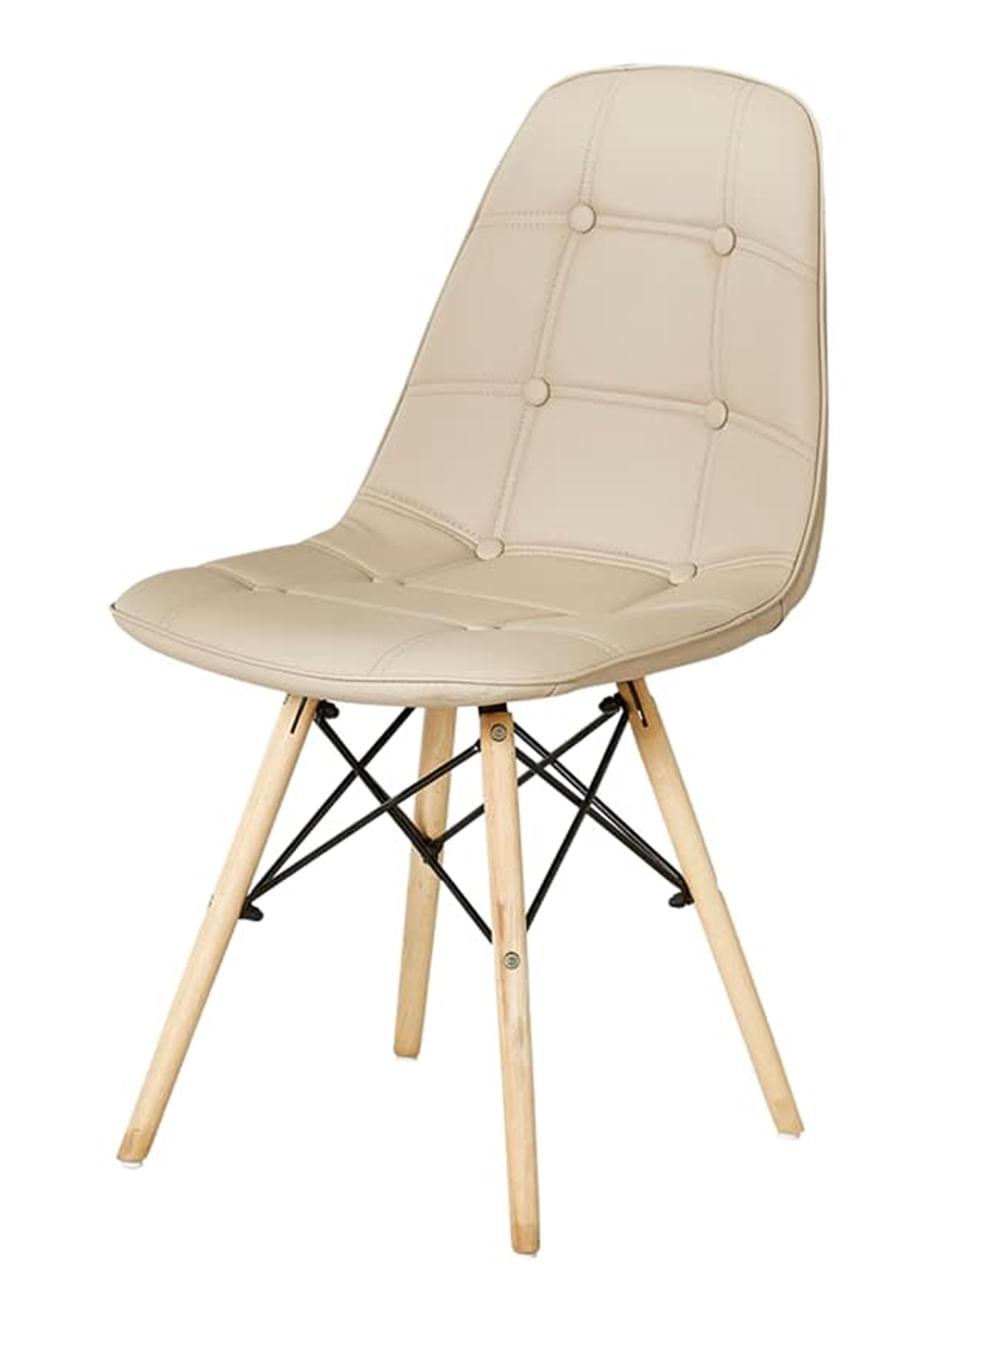 Cadeira Eames Eiffel Assento cor Nude com Botone e Base em Madeira - 44991